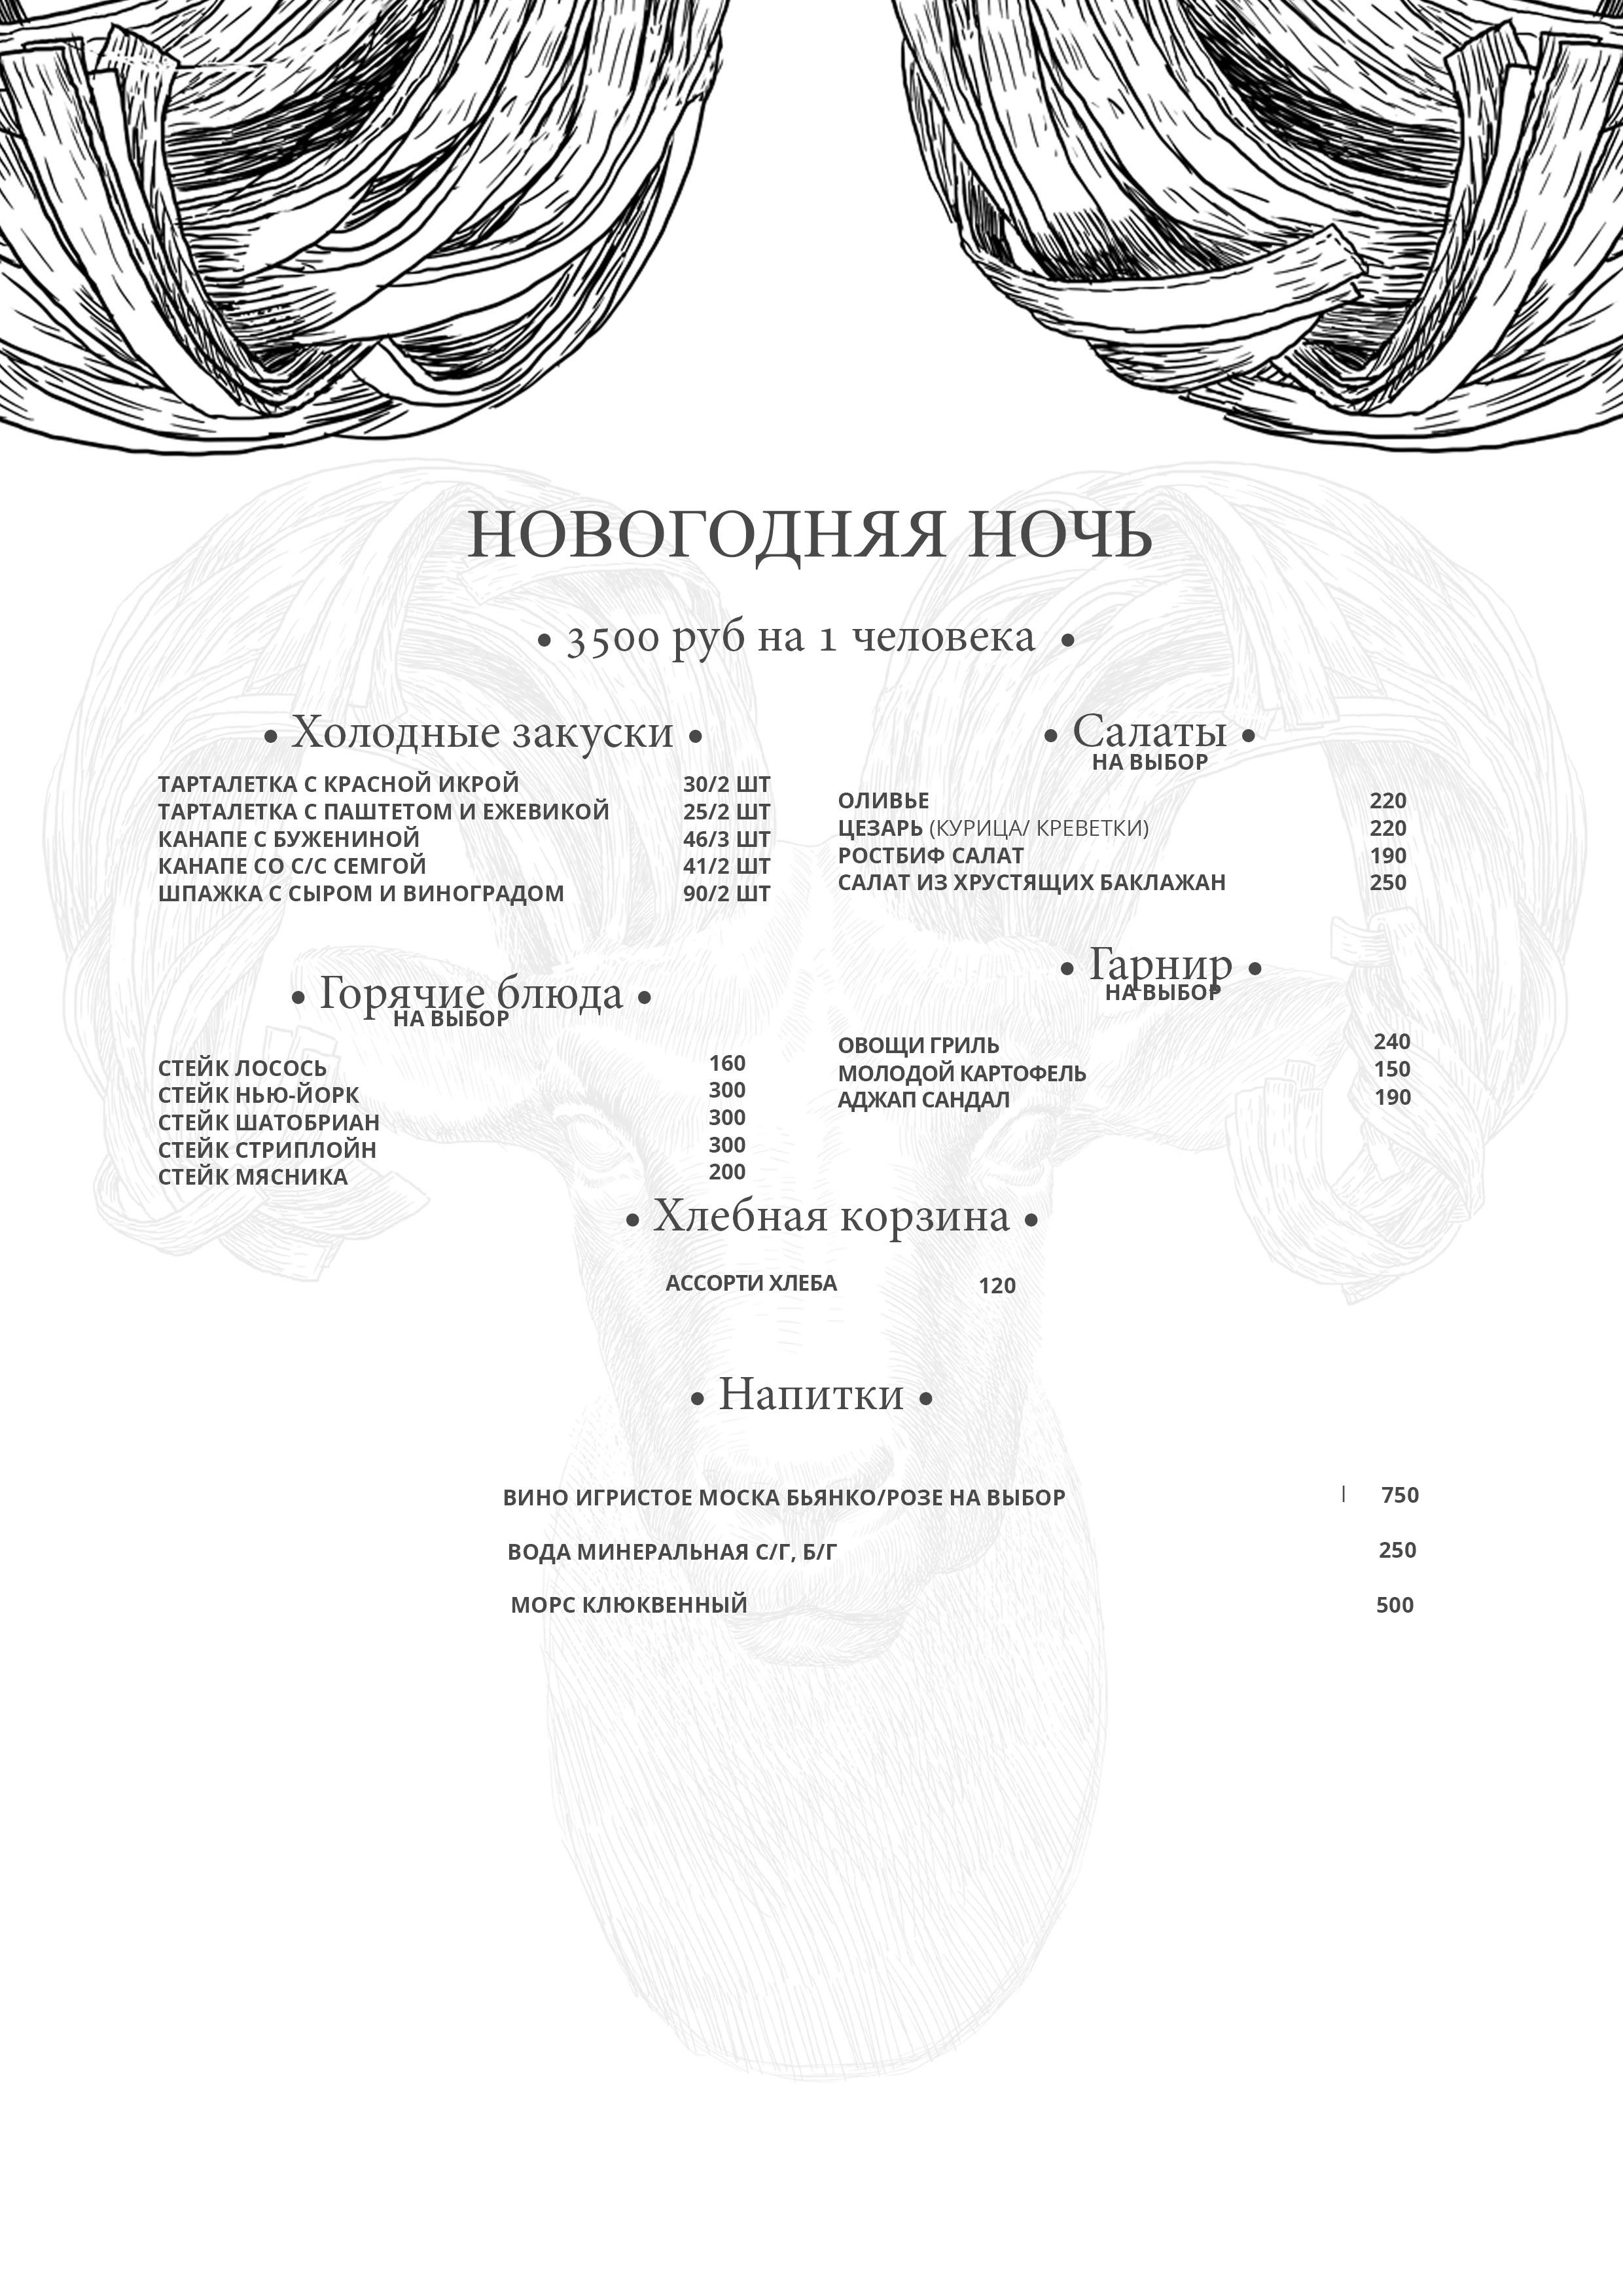 Новогоднее меню ресторана Мясо и Паста